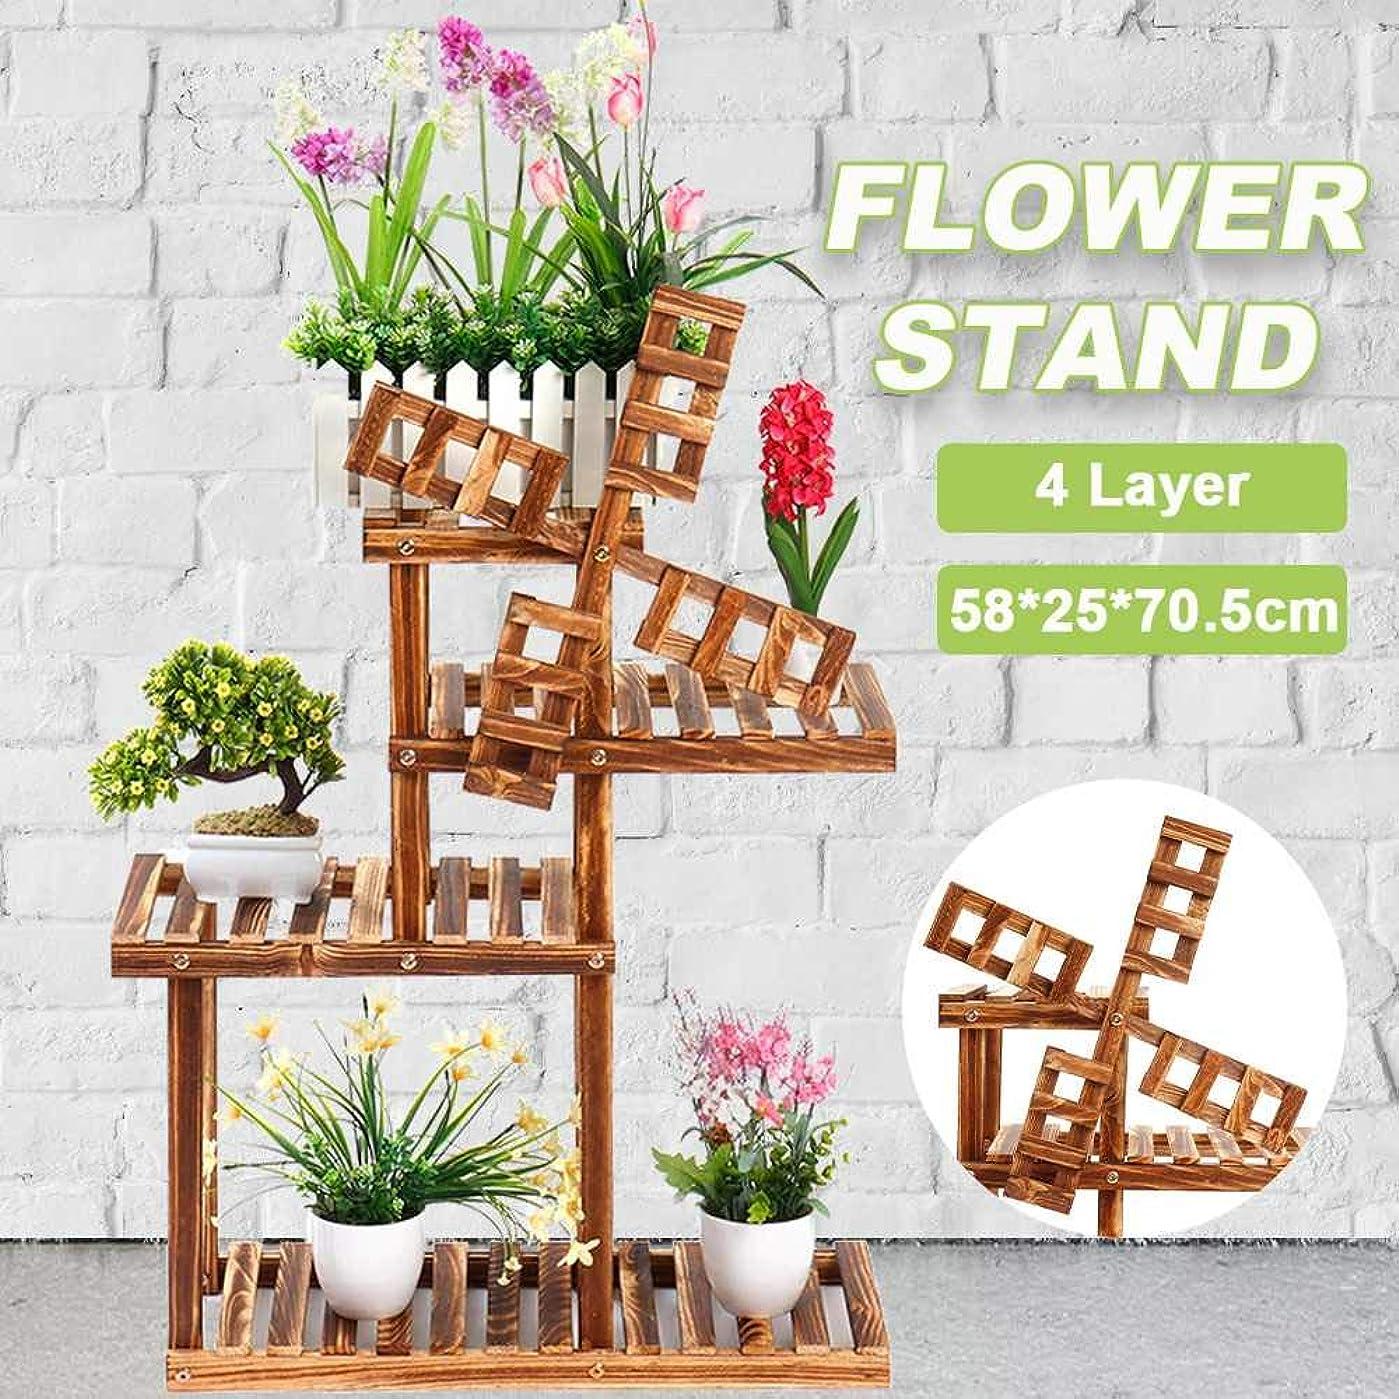 アーサーコナンドイル害値木製の花は植物のポットは、古典的なスタイルのマルチフラワー屋内盆栽展示棚ヤードガーデン棚をスタンドラック